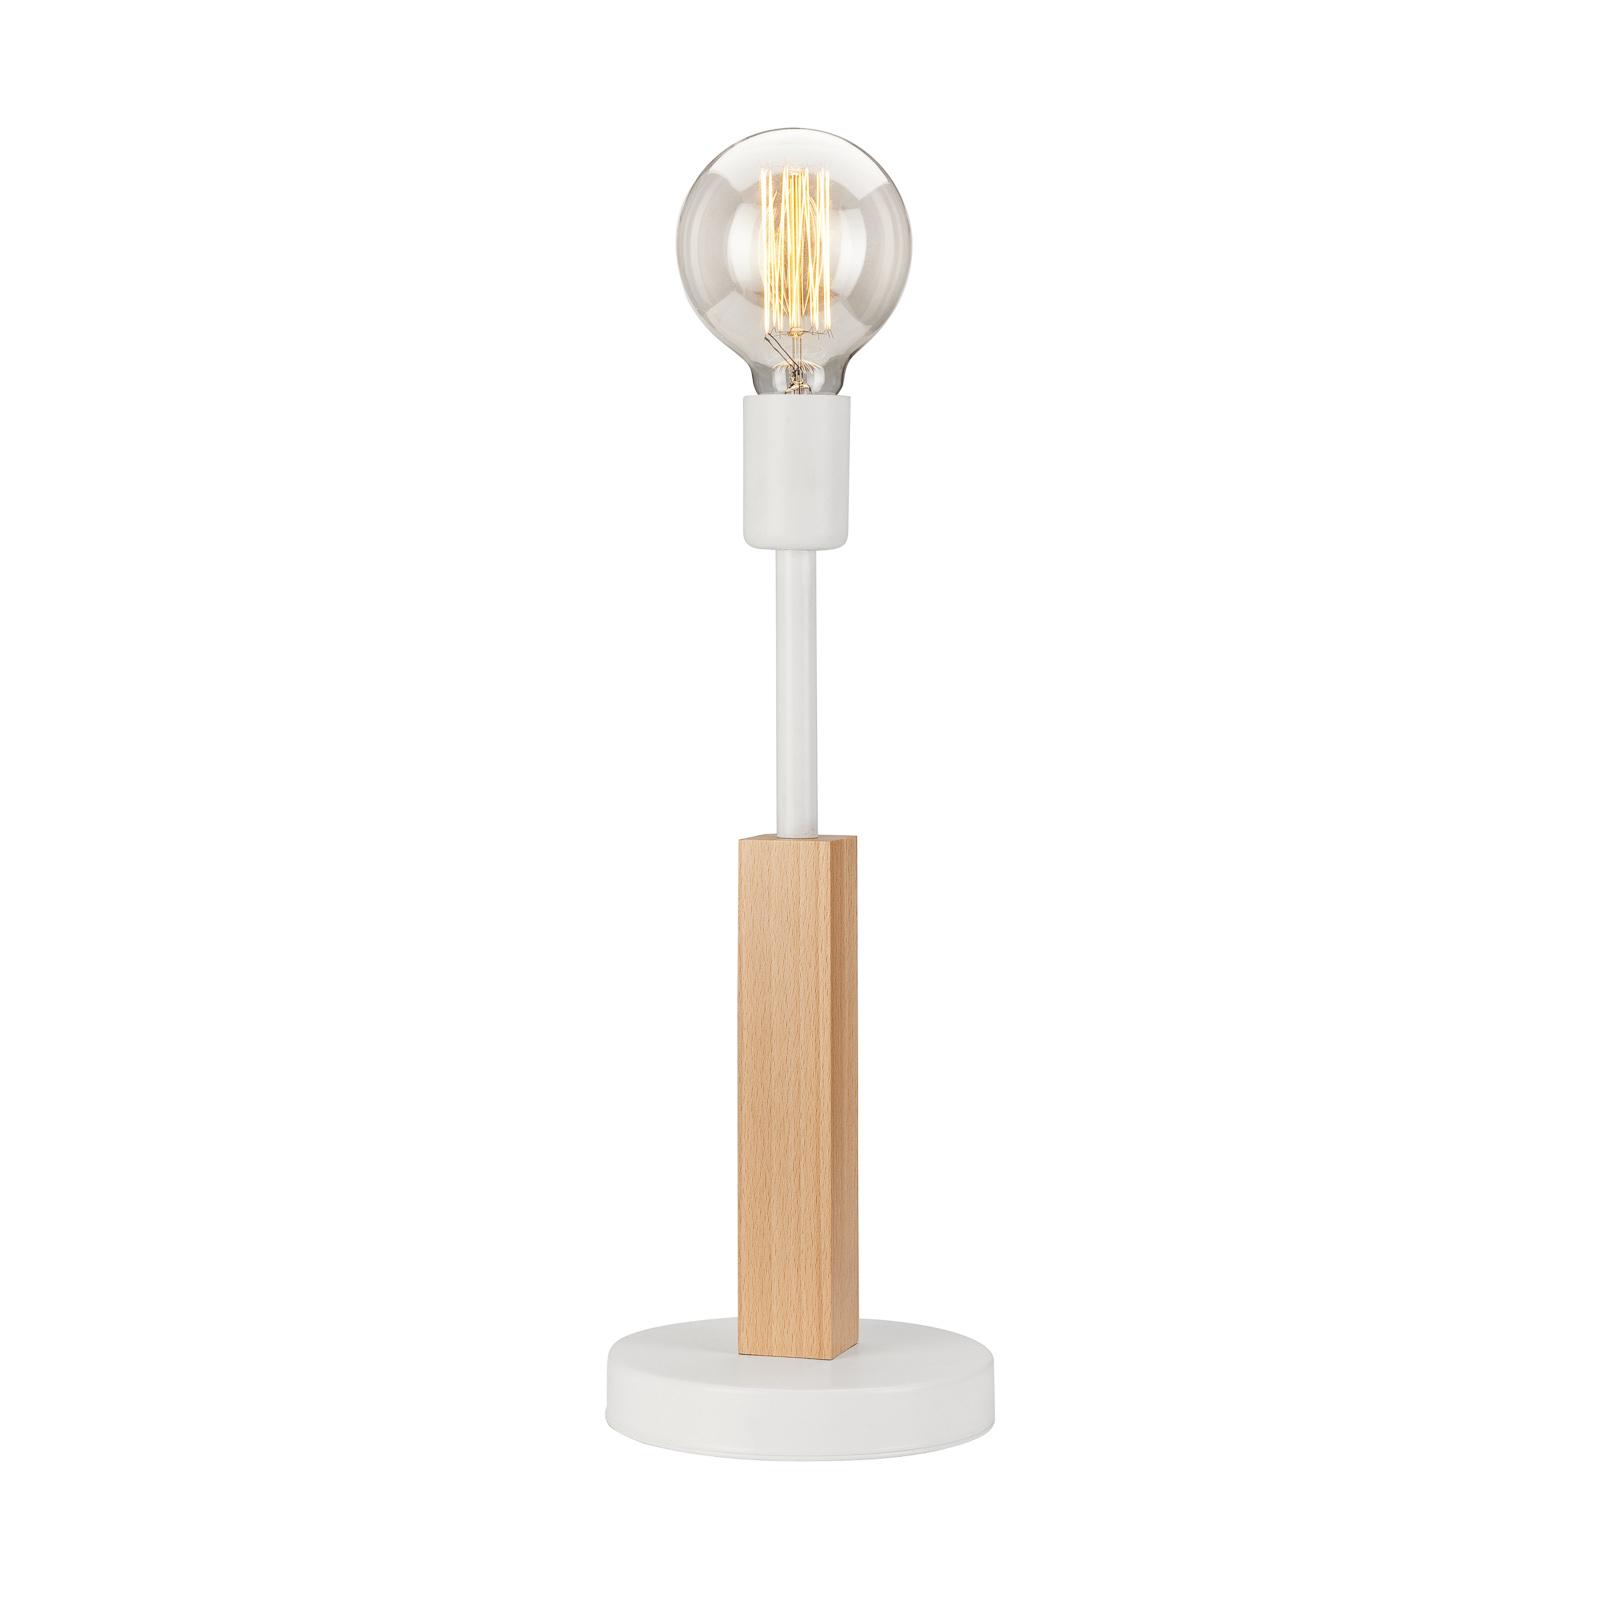 Lampa stołowa Parc z jedną oprawą, biała